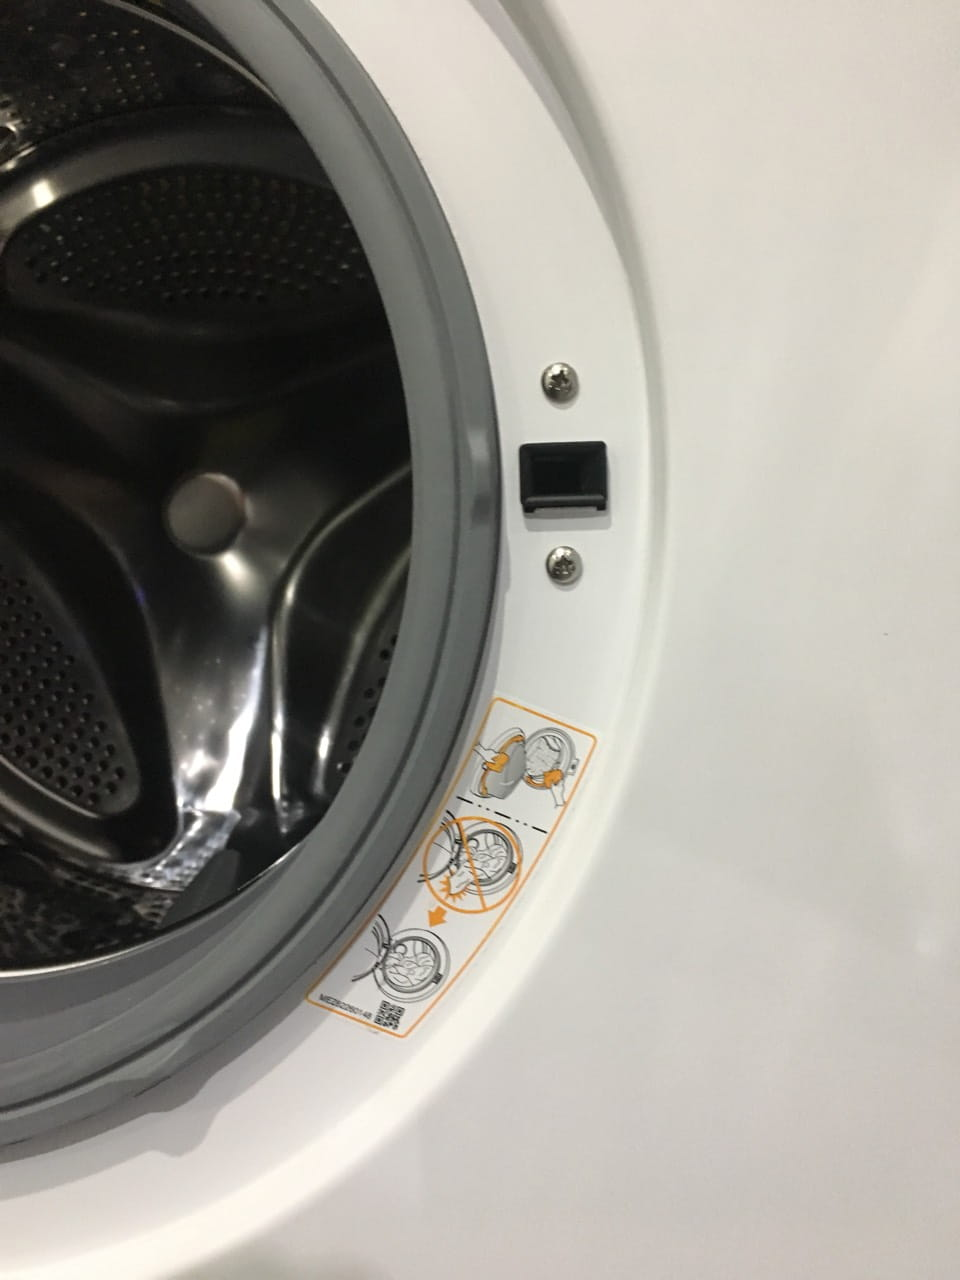 Предотвратить возможные поломки при загрузке белья в стиральную машину